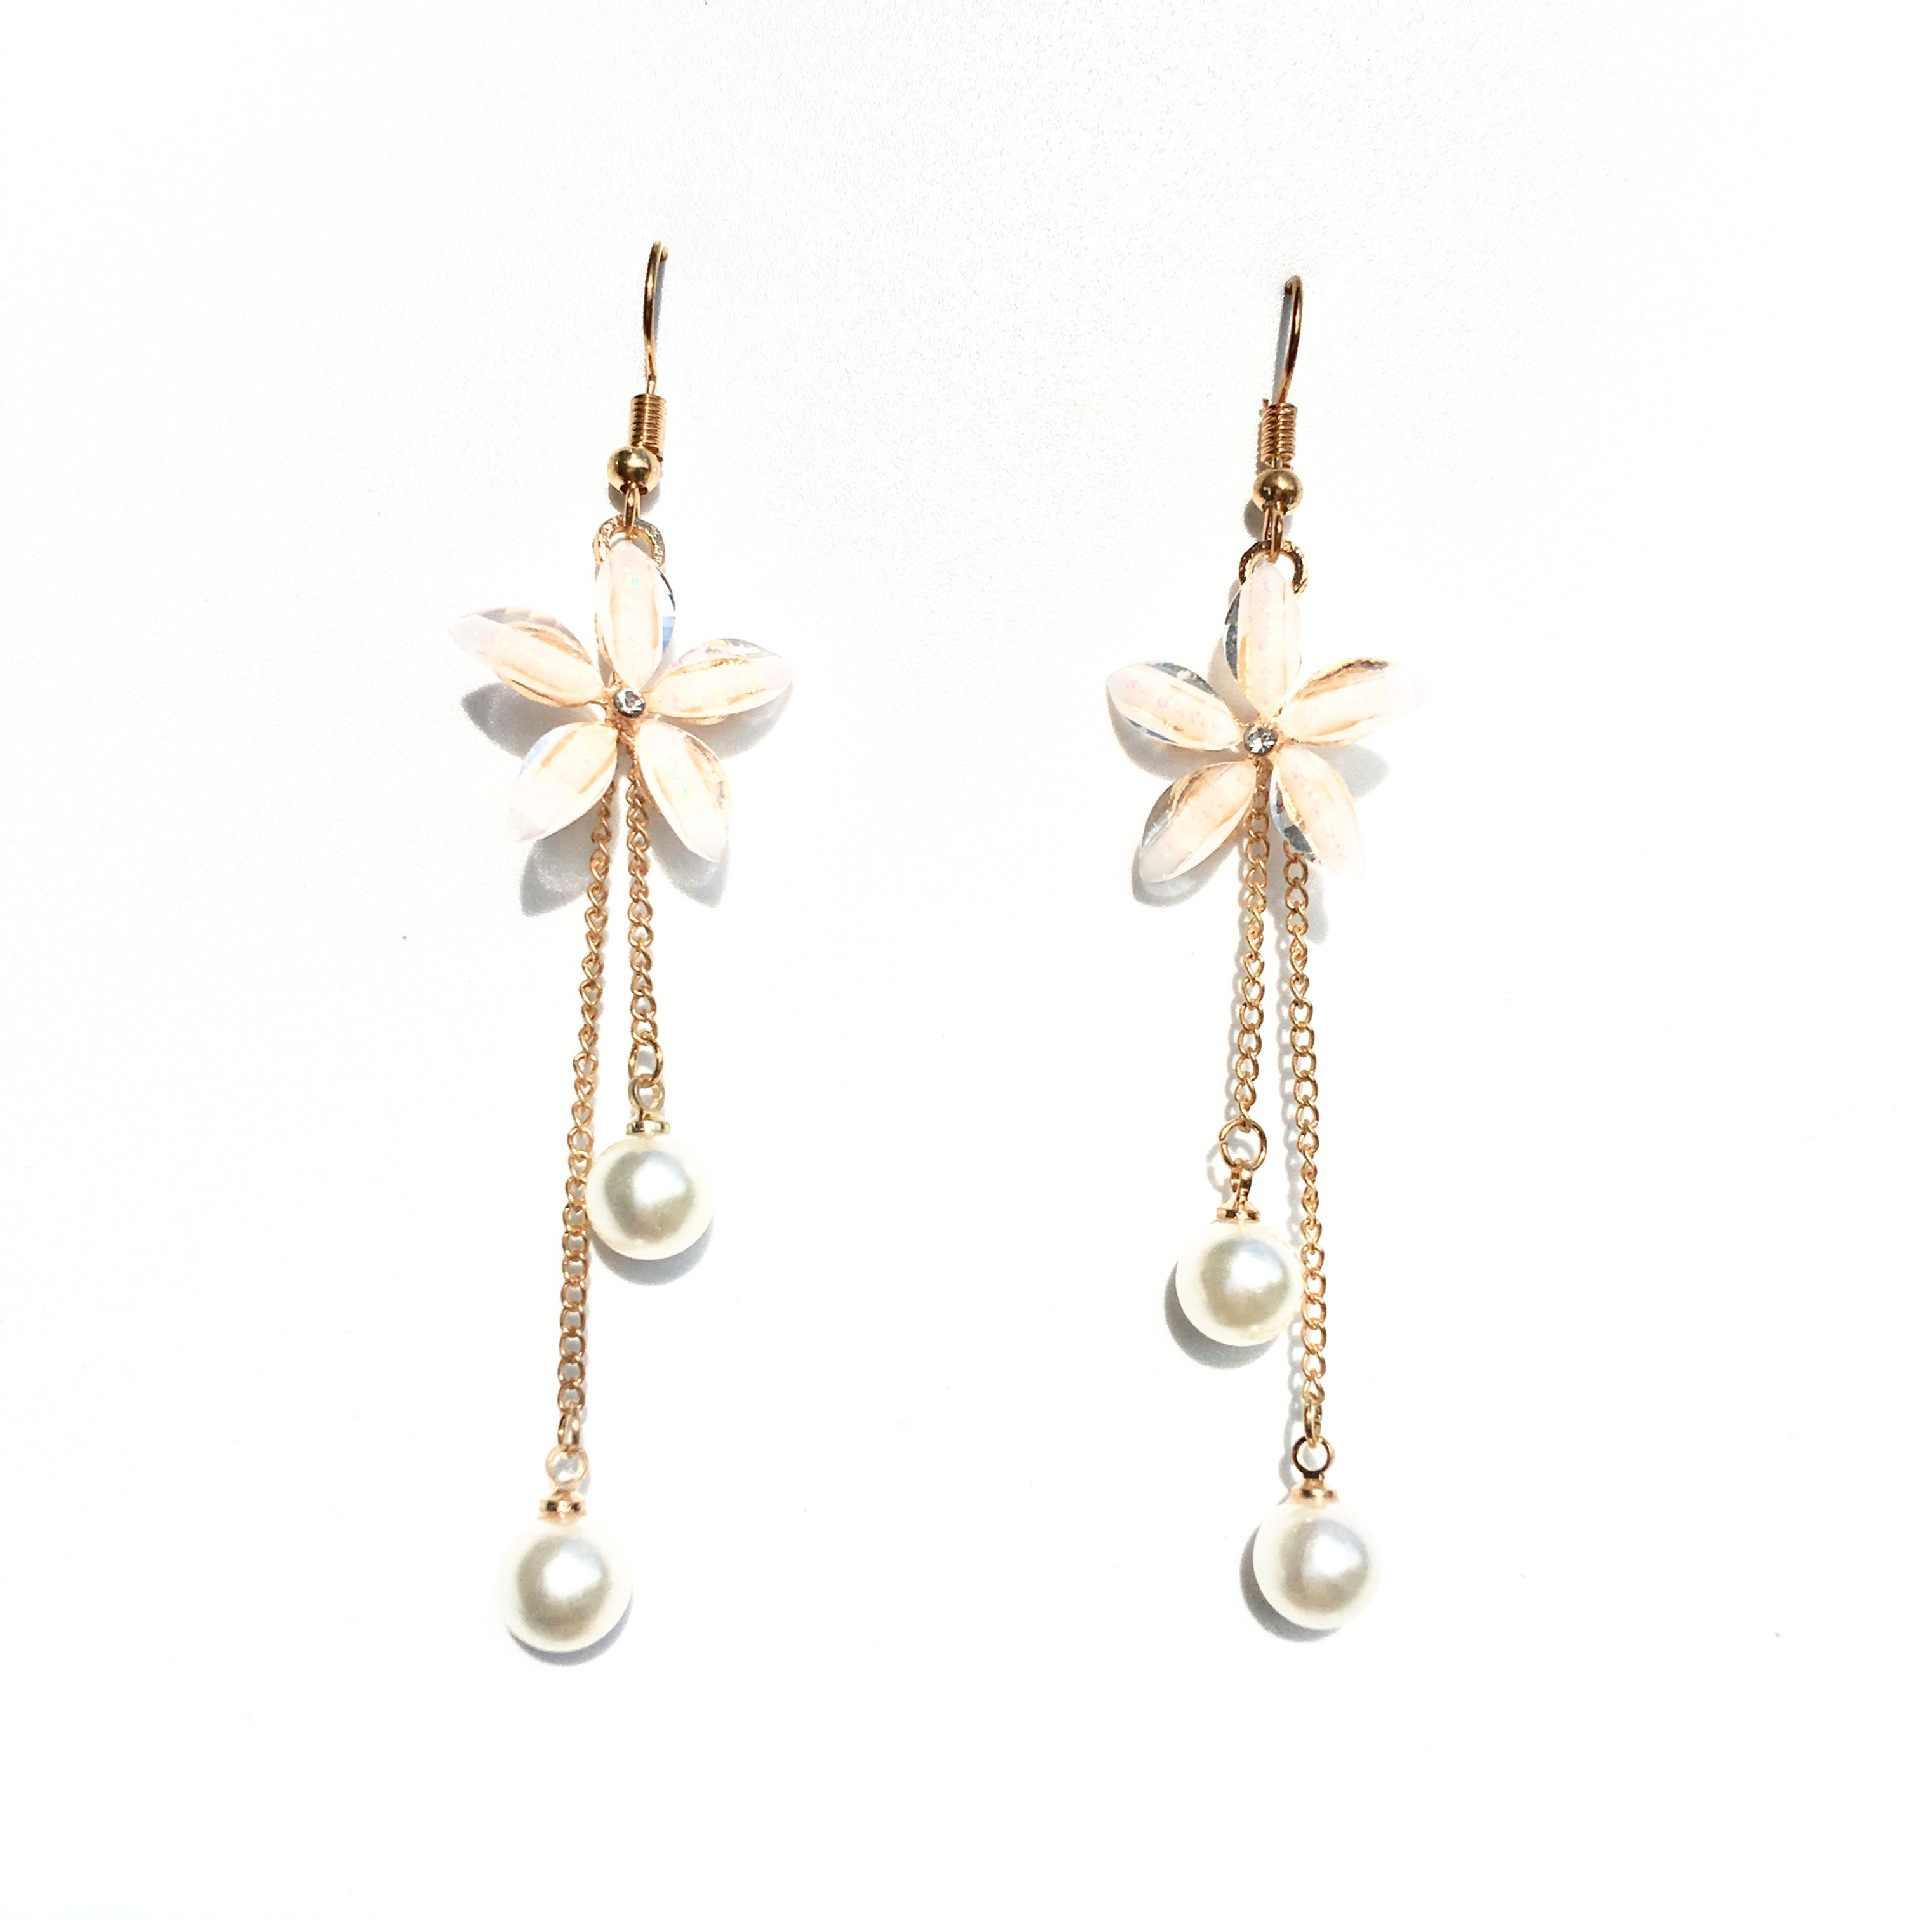 Kolczyki kwiatowe 2019 moda punk nowe kolczyki Lady dziki łańcuszek perła kryształowe kolczyki kwiatowe prezent hurtowych kolczyki damskie